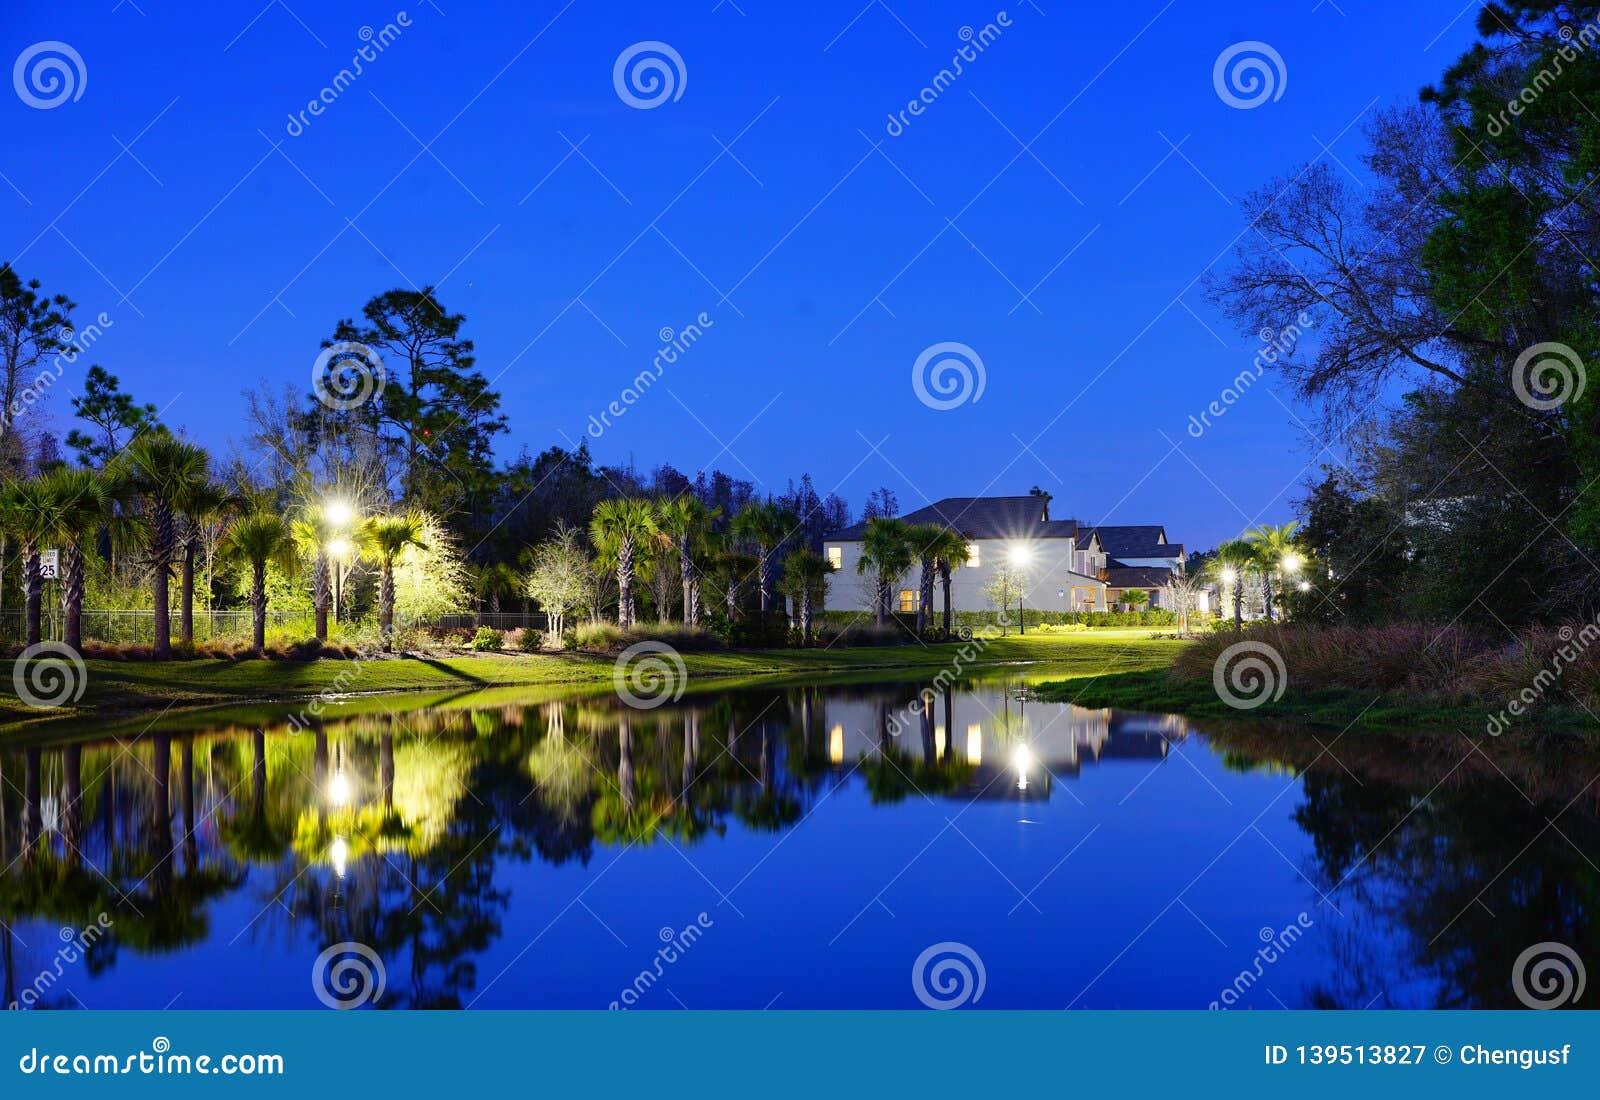 一个典型的佛罗里达房子